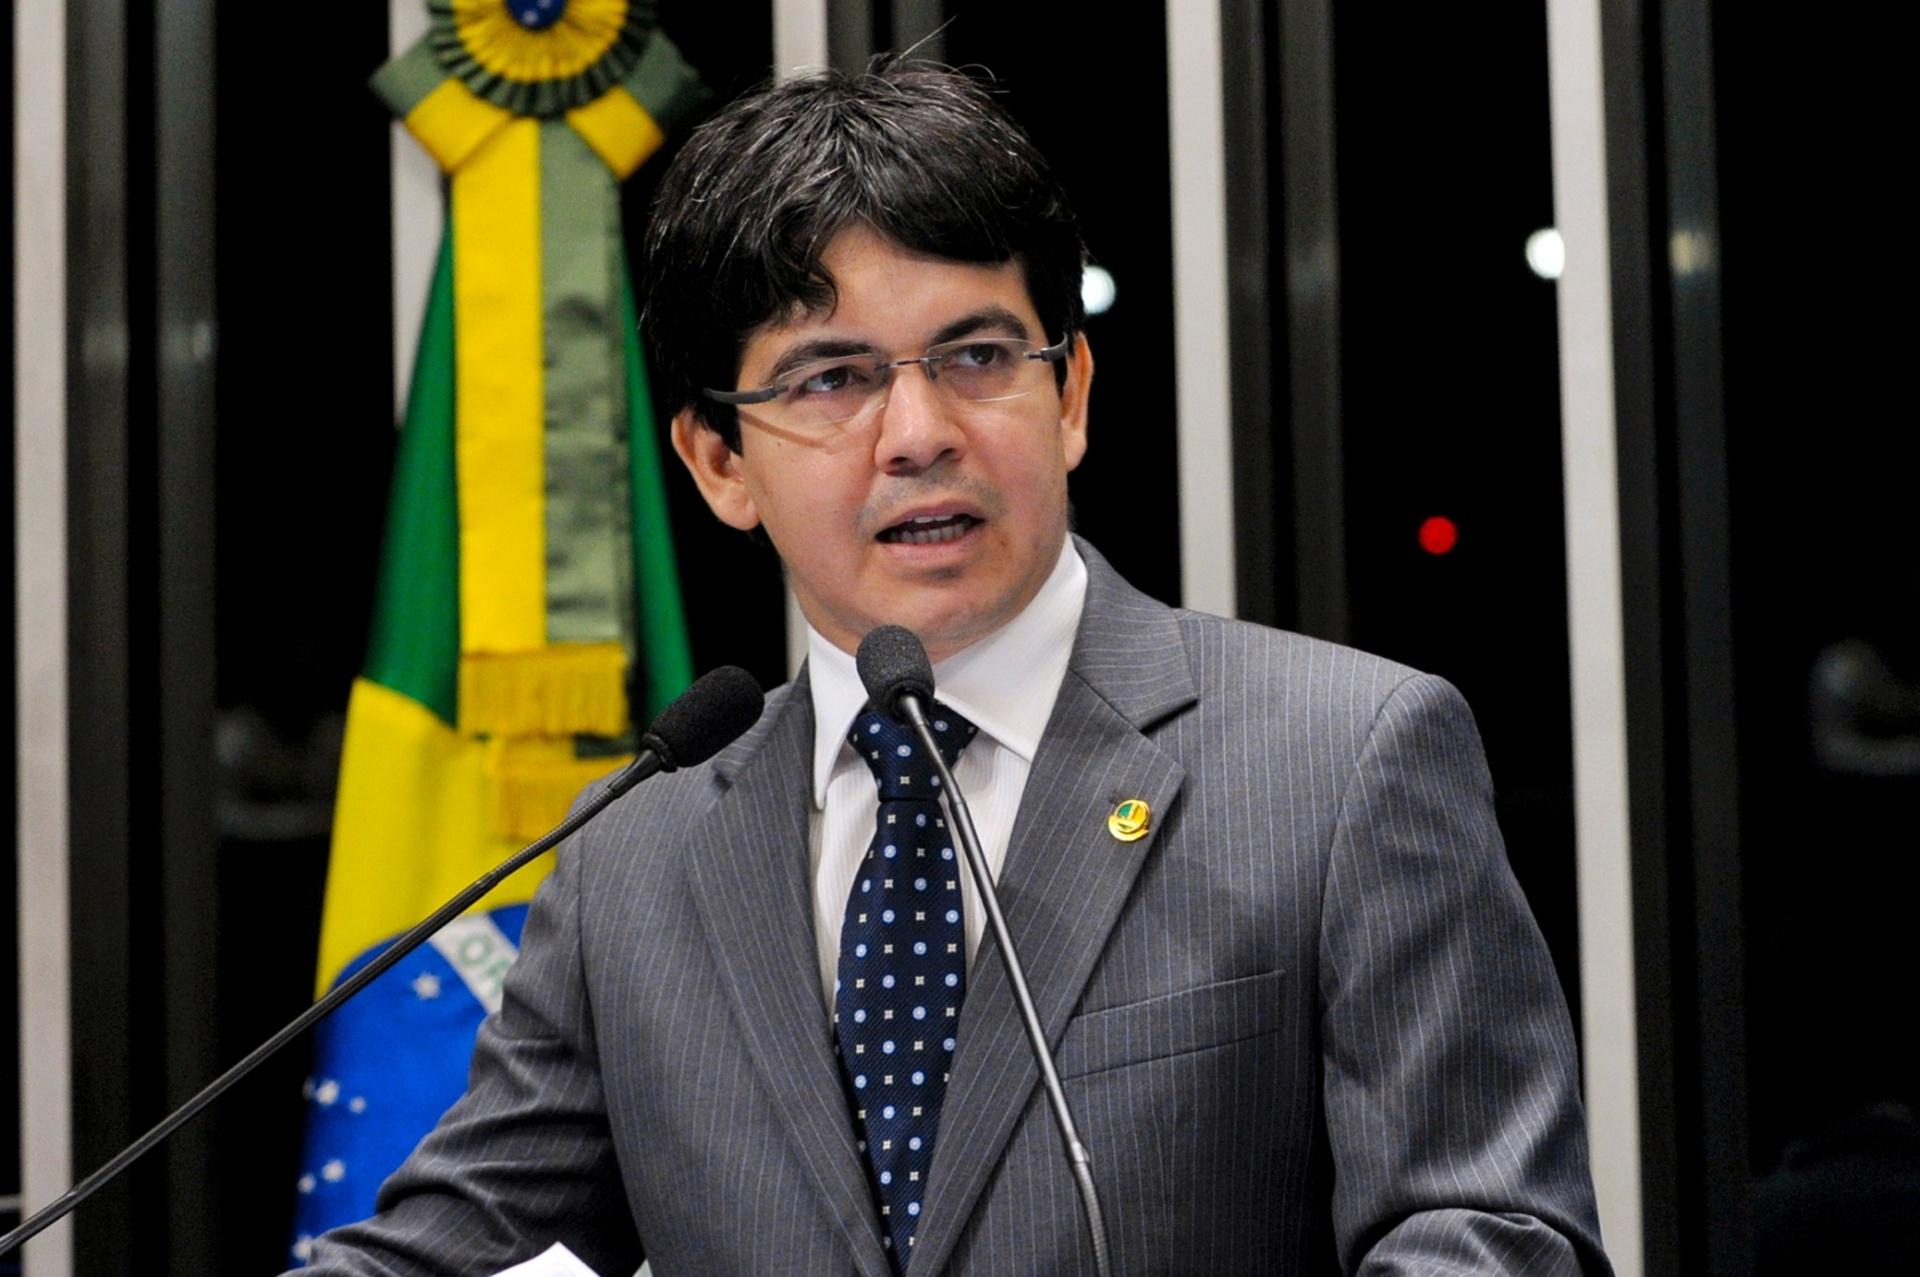 Candidato à presidência do Senado, Randolfe Rodrigues diz que ...